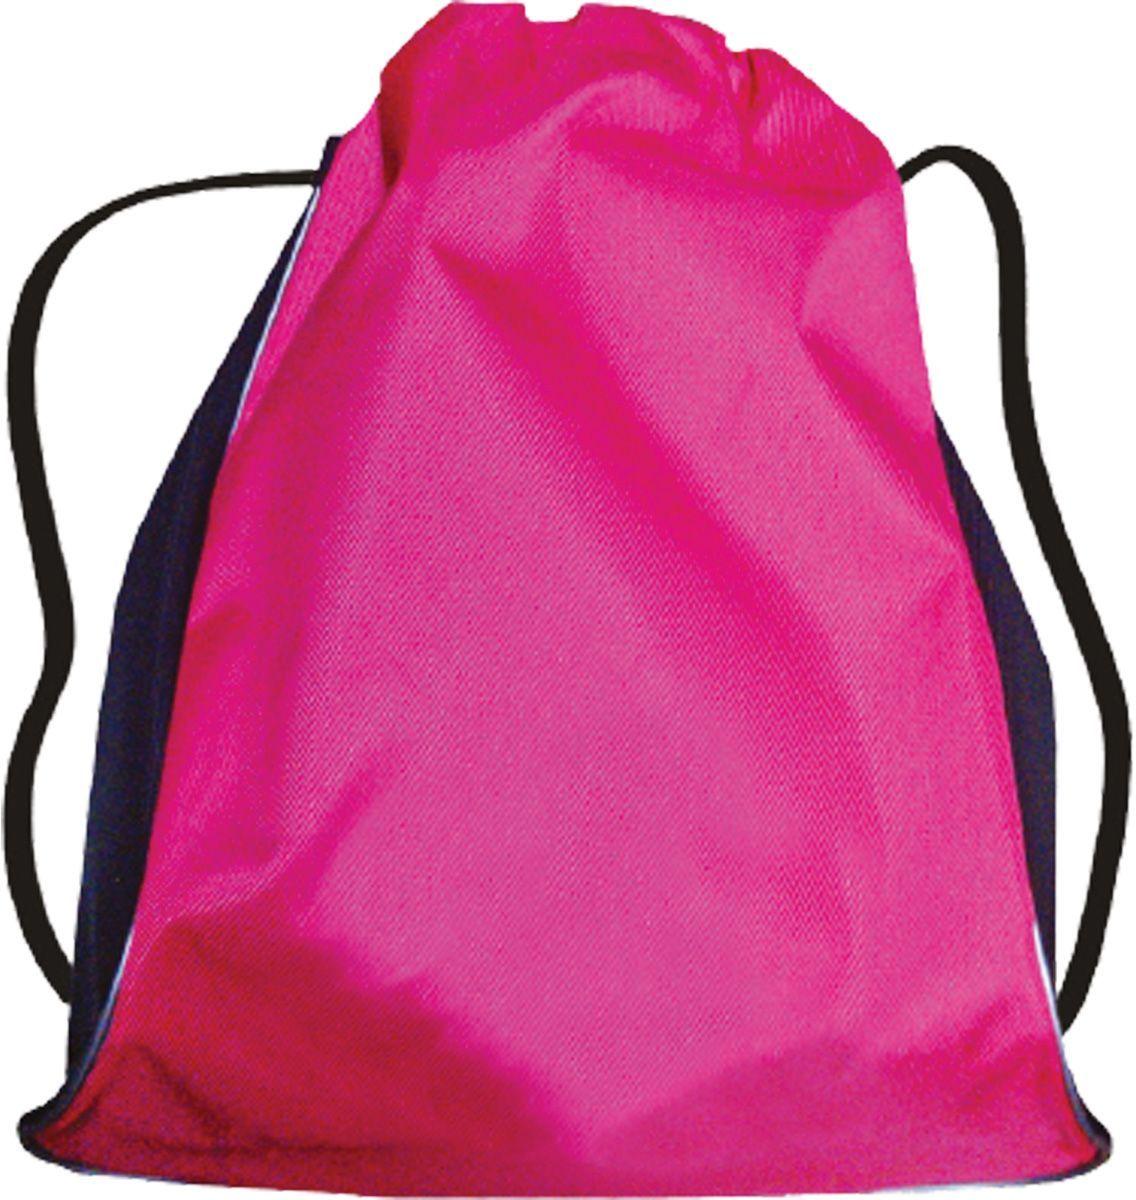 Brauberg Сумка для детской обуви 22550672523WDСумка для обуви предназначена для девочек младшей и средней школы. Она выполнена в темно-розовом цвете, из водонепроницаемого материала повышенной плотности. Увеличенный объем сумки позволяет носить в ней зимнюю обувь.•Затягивается шнурком. •Водоотталкивающая ткань. •Увеличенный объем. •Размер: 34х44 см.